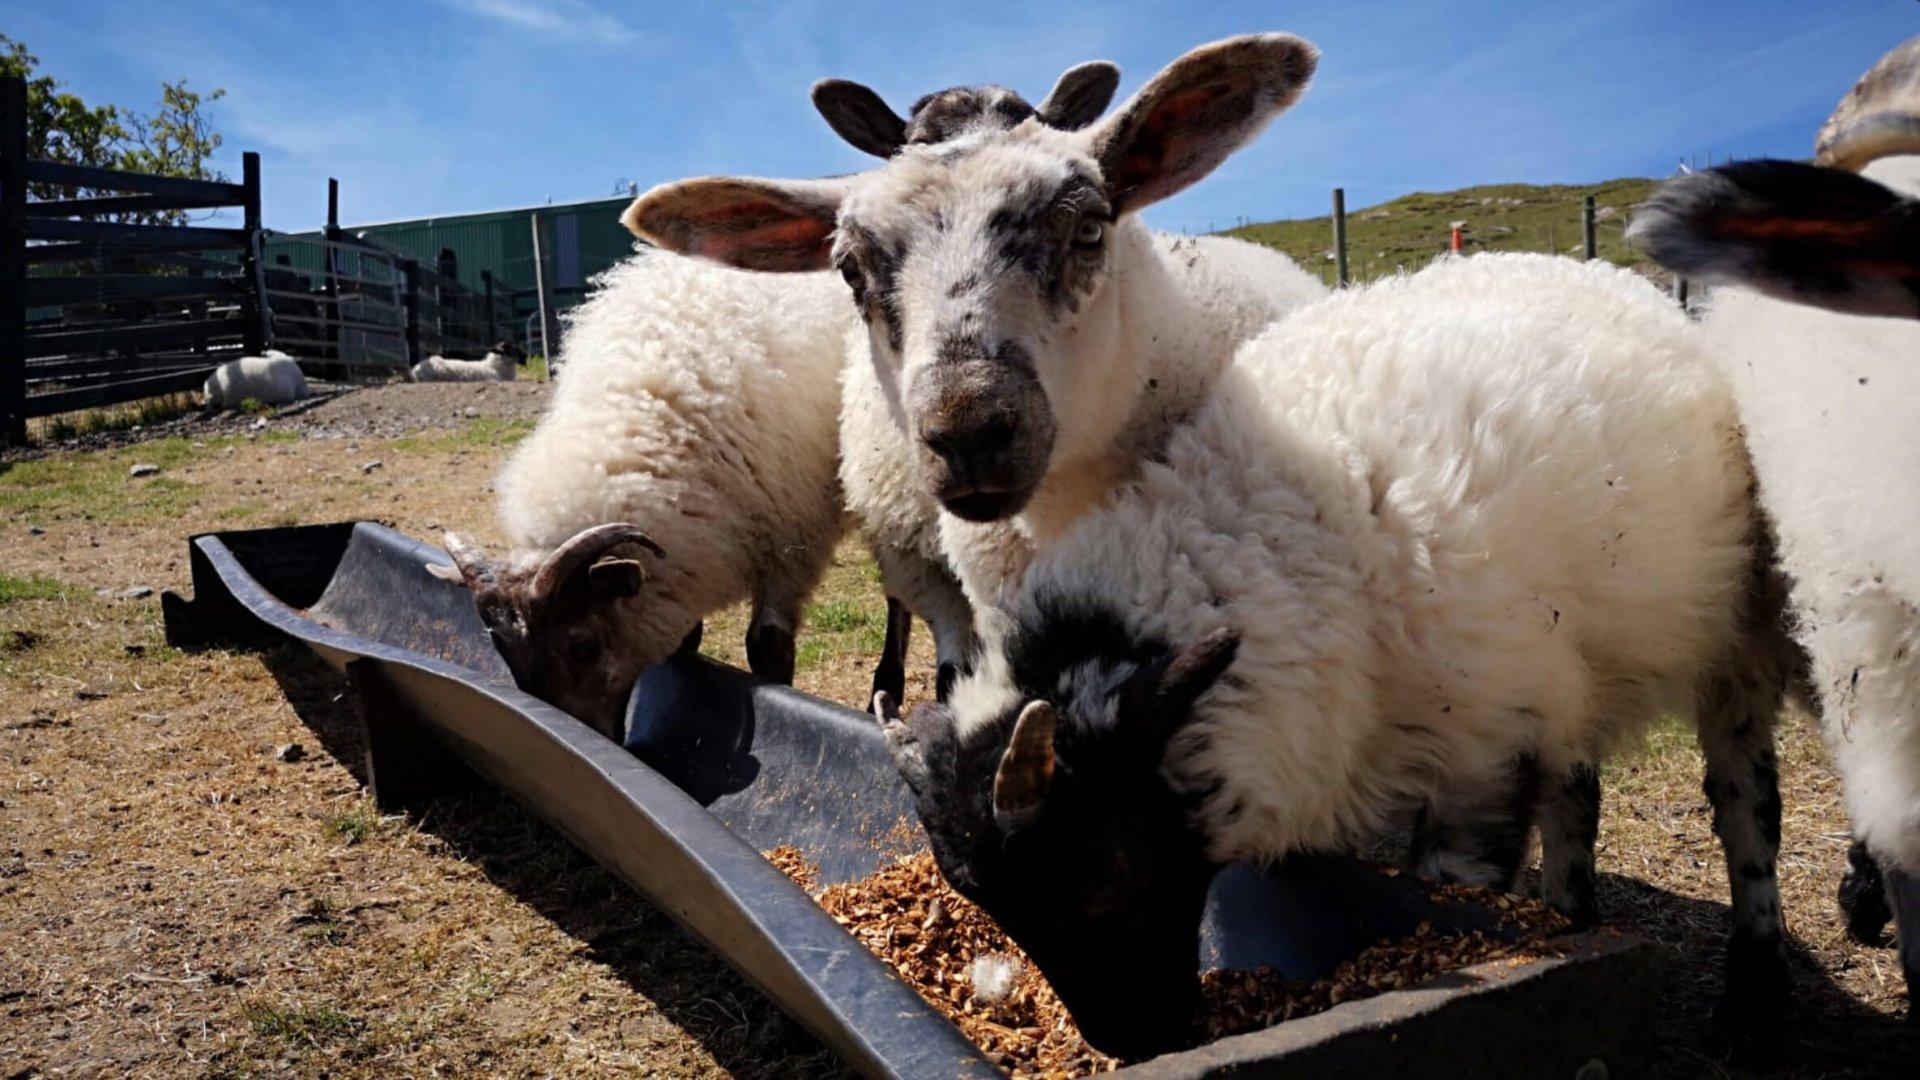 Cute lambs feeding at a trough